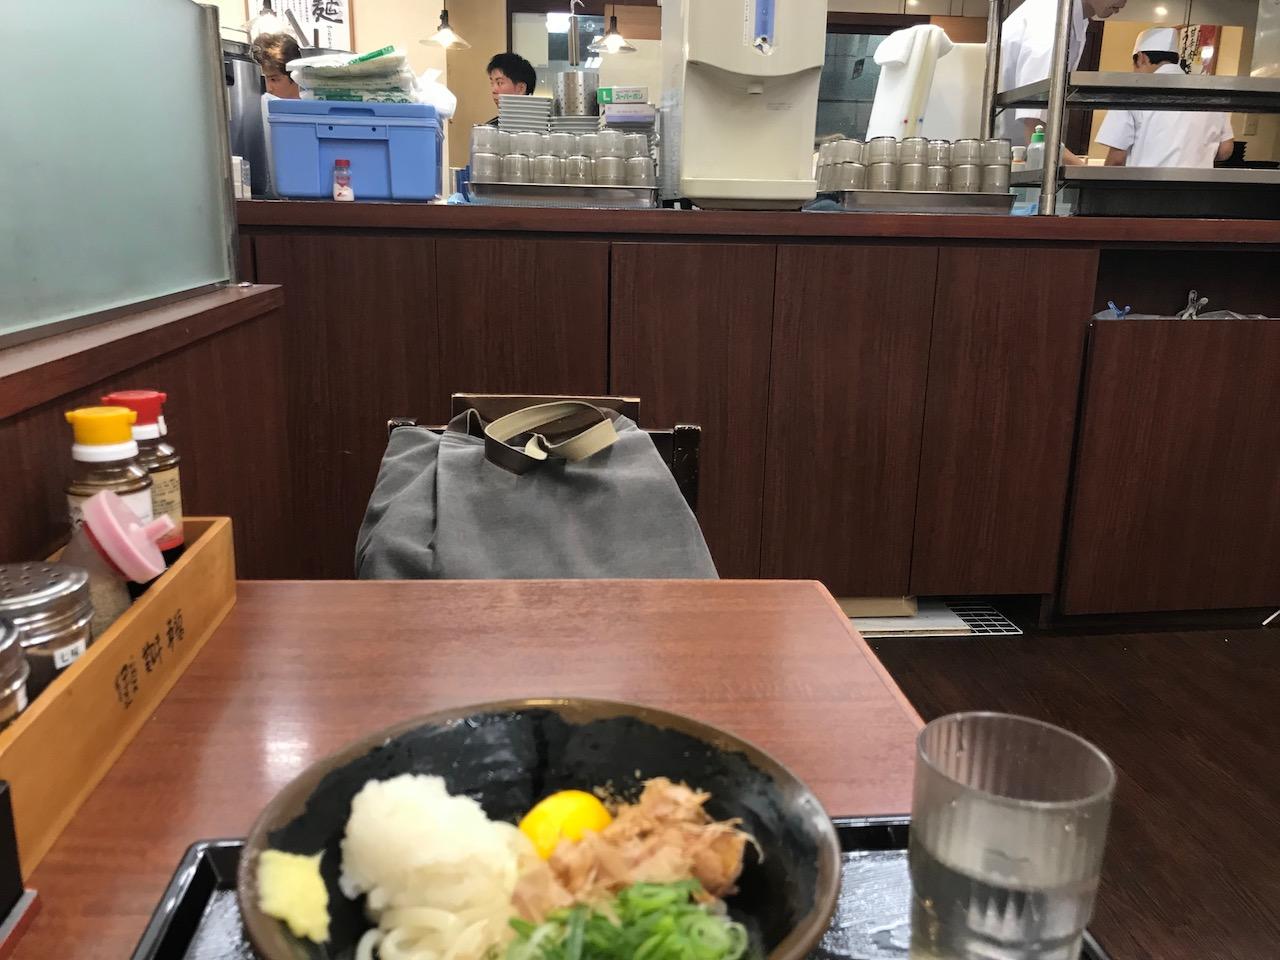 今のところリピート率No.1!姫路駅東口の「つるまる饂飩」が美味い!これがえきそばを越えた駅うどんだ!